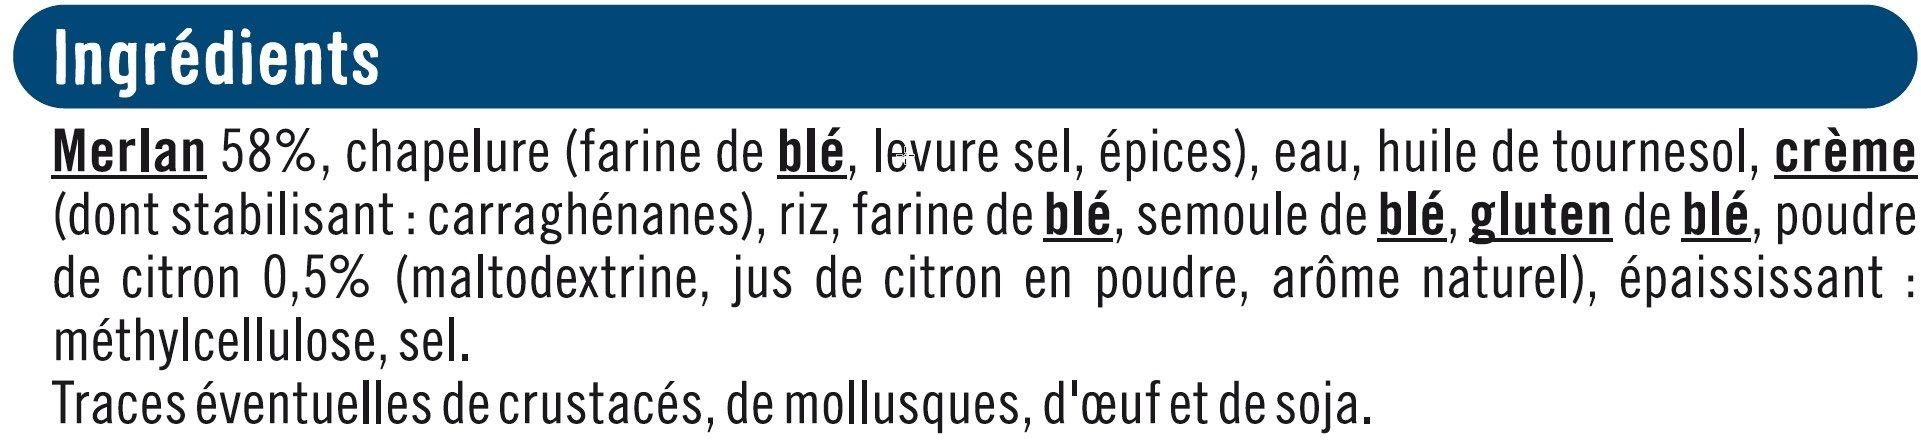 Merlan pané - Ingrediënten - fr